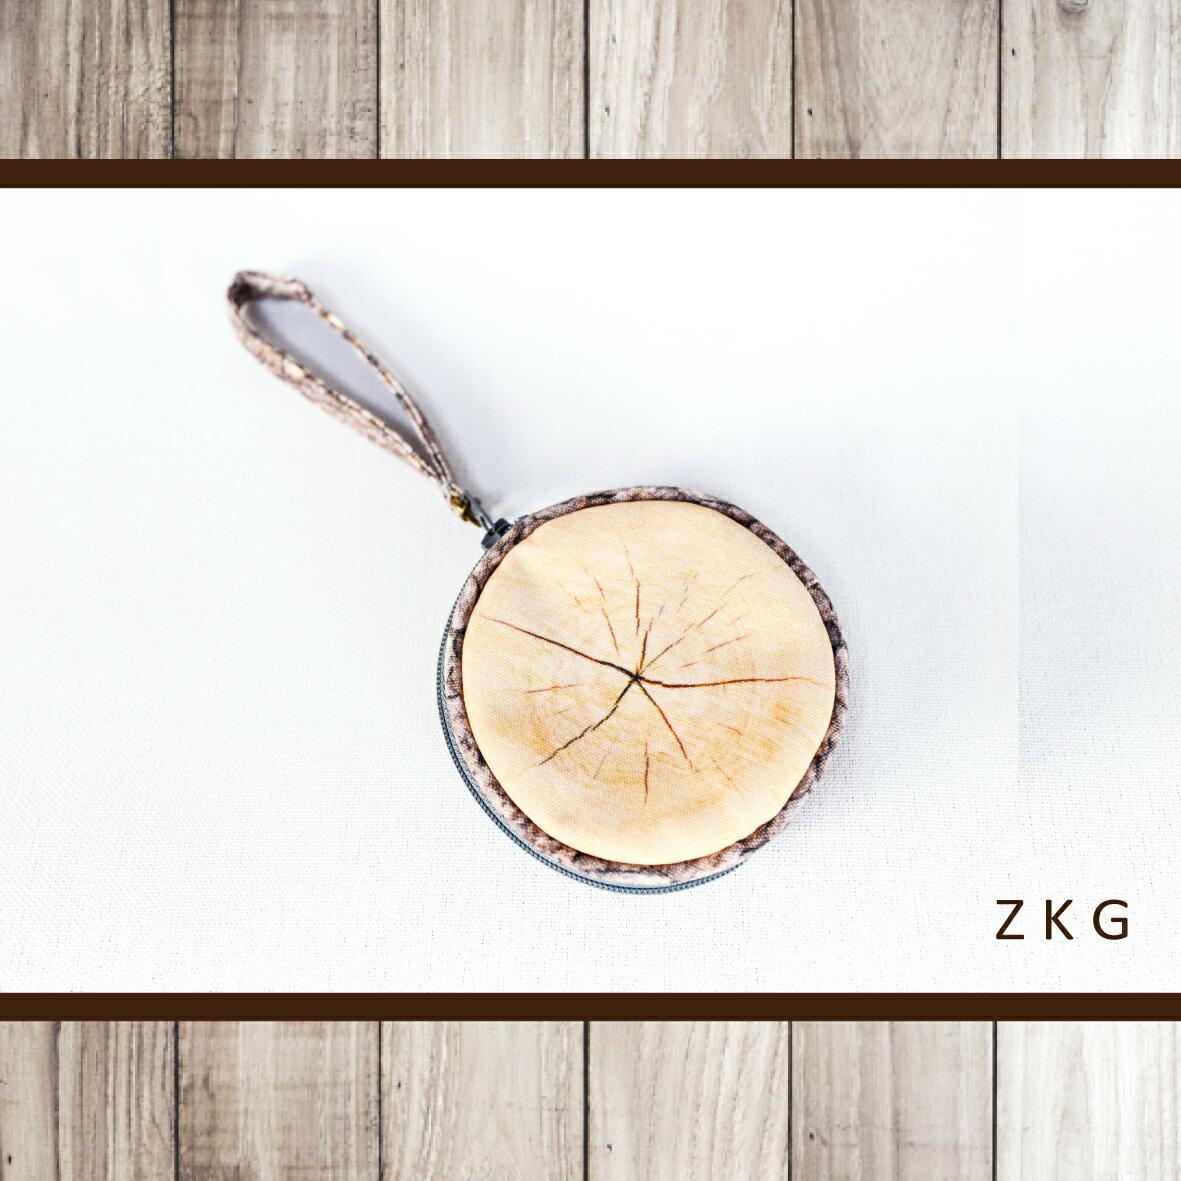 <br/><br/> ZKG 木系列-(出芽)圓形零錢包-單個入 台灣(手工製)*送禮*自用*<br/><br/>